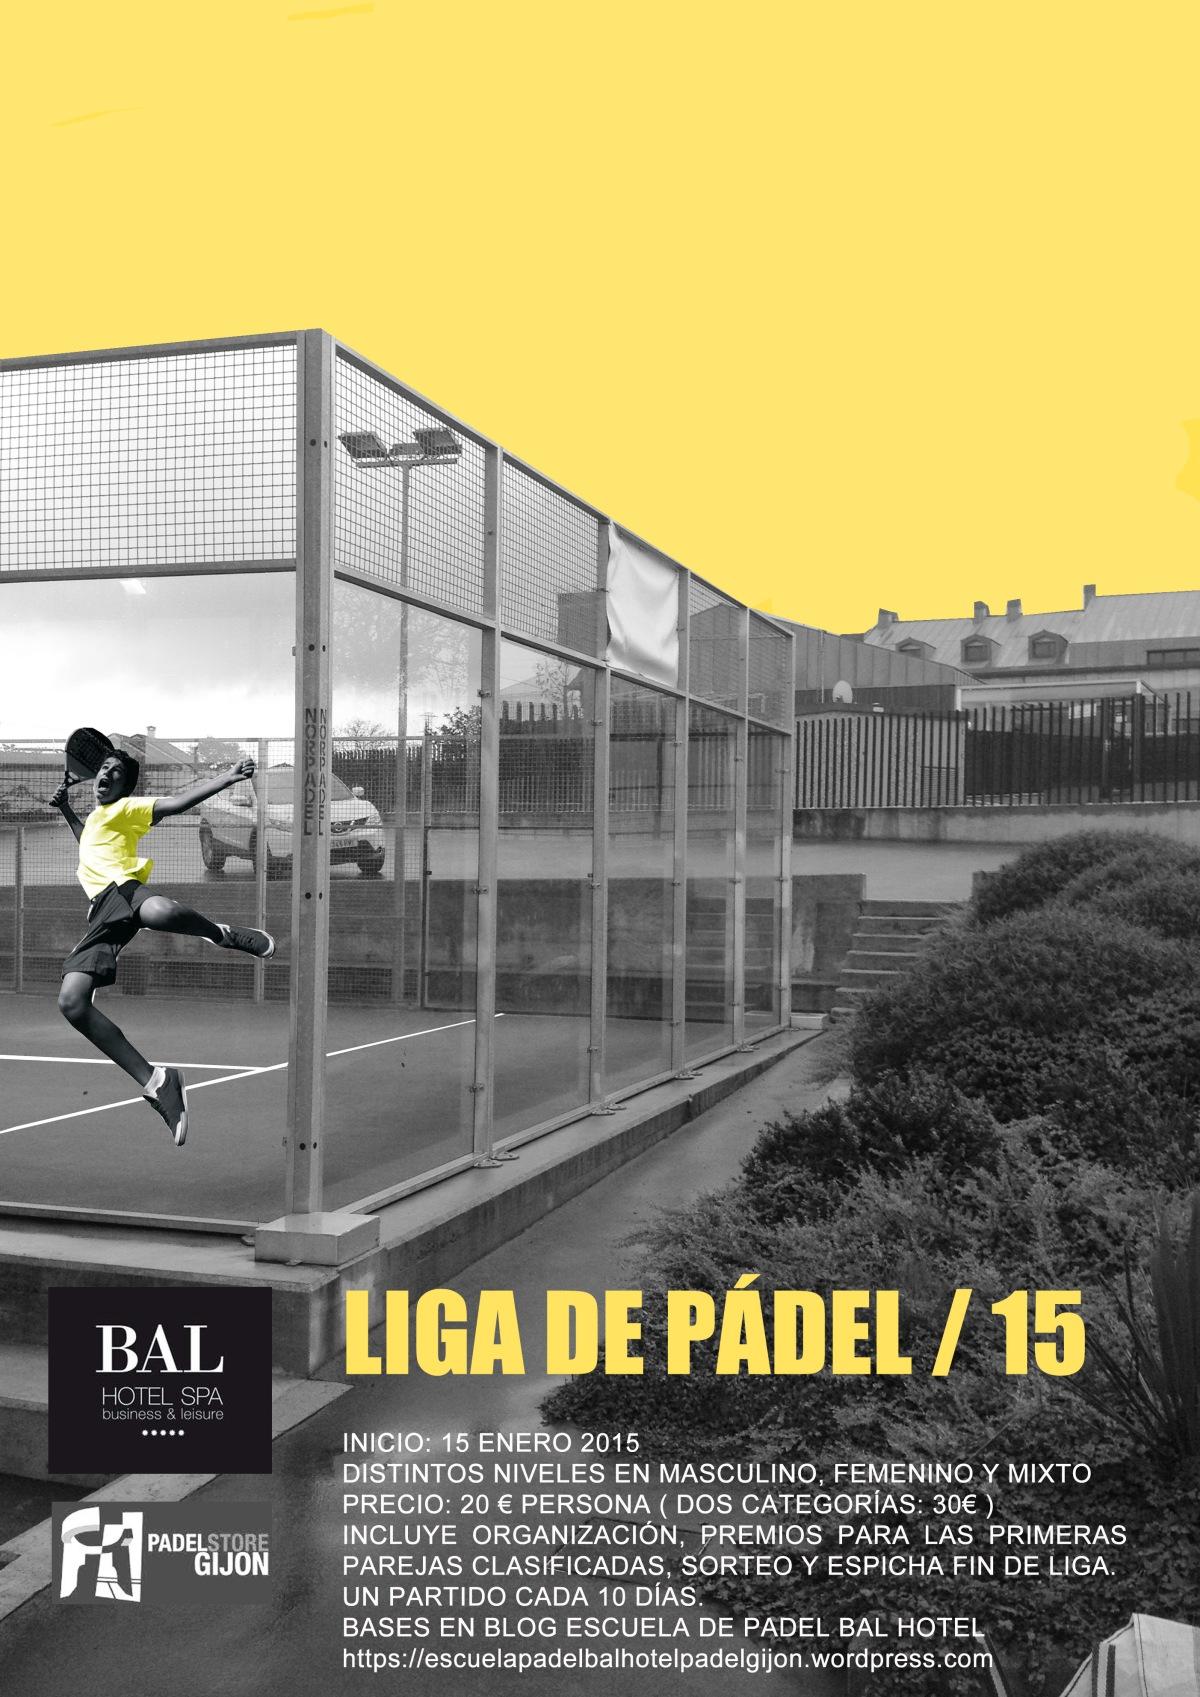 BASES completas de la Liga de pádel BAL HOTEL & SPA /2015